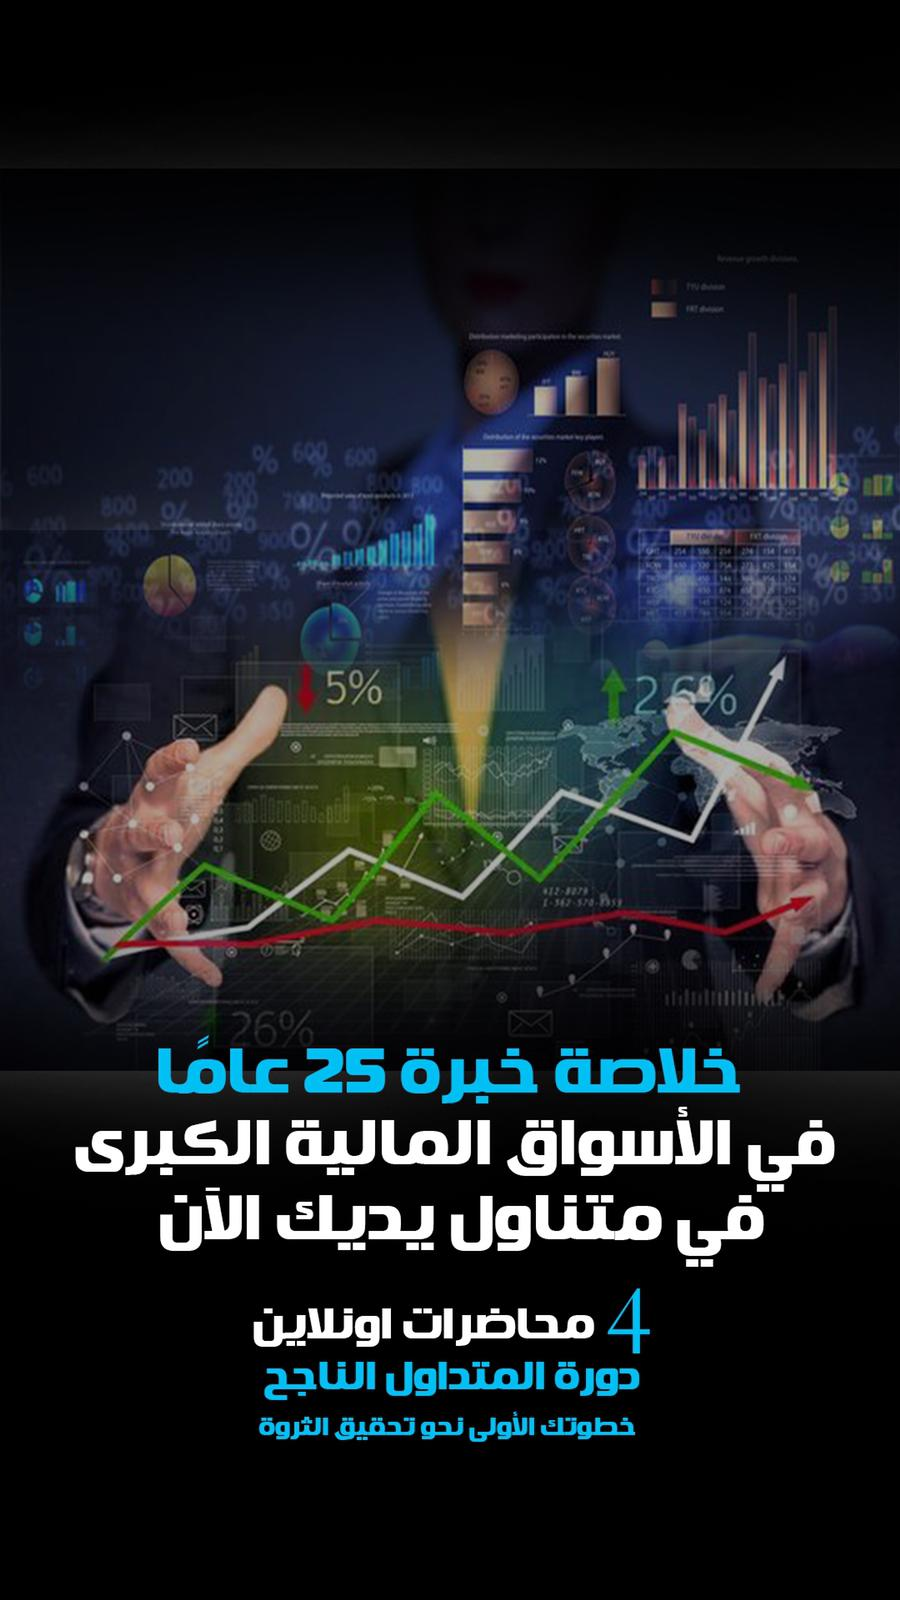 الأكاديمية العربية لتعليم التداول Daddy p_2100aeaah1.jpeg